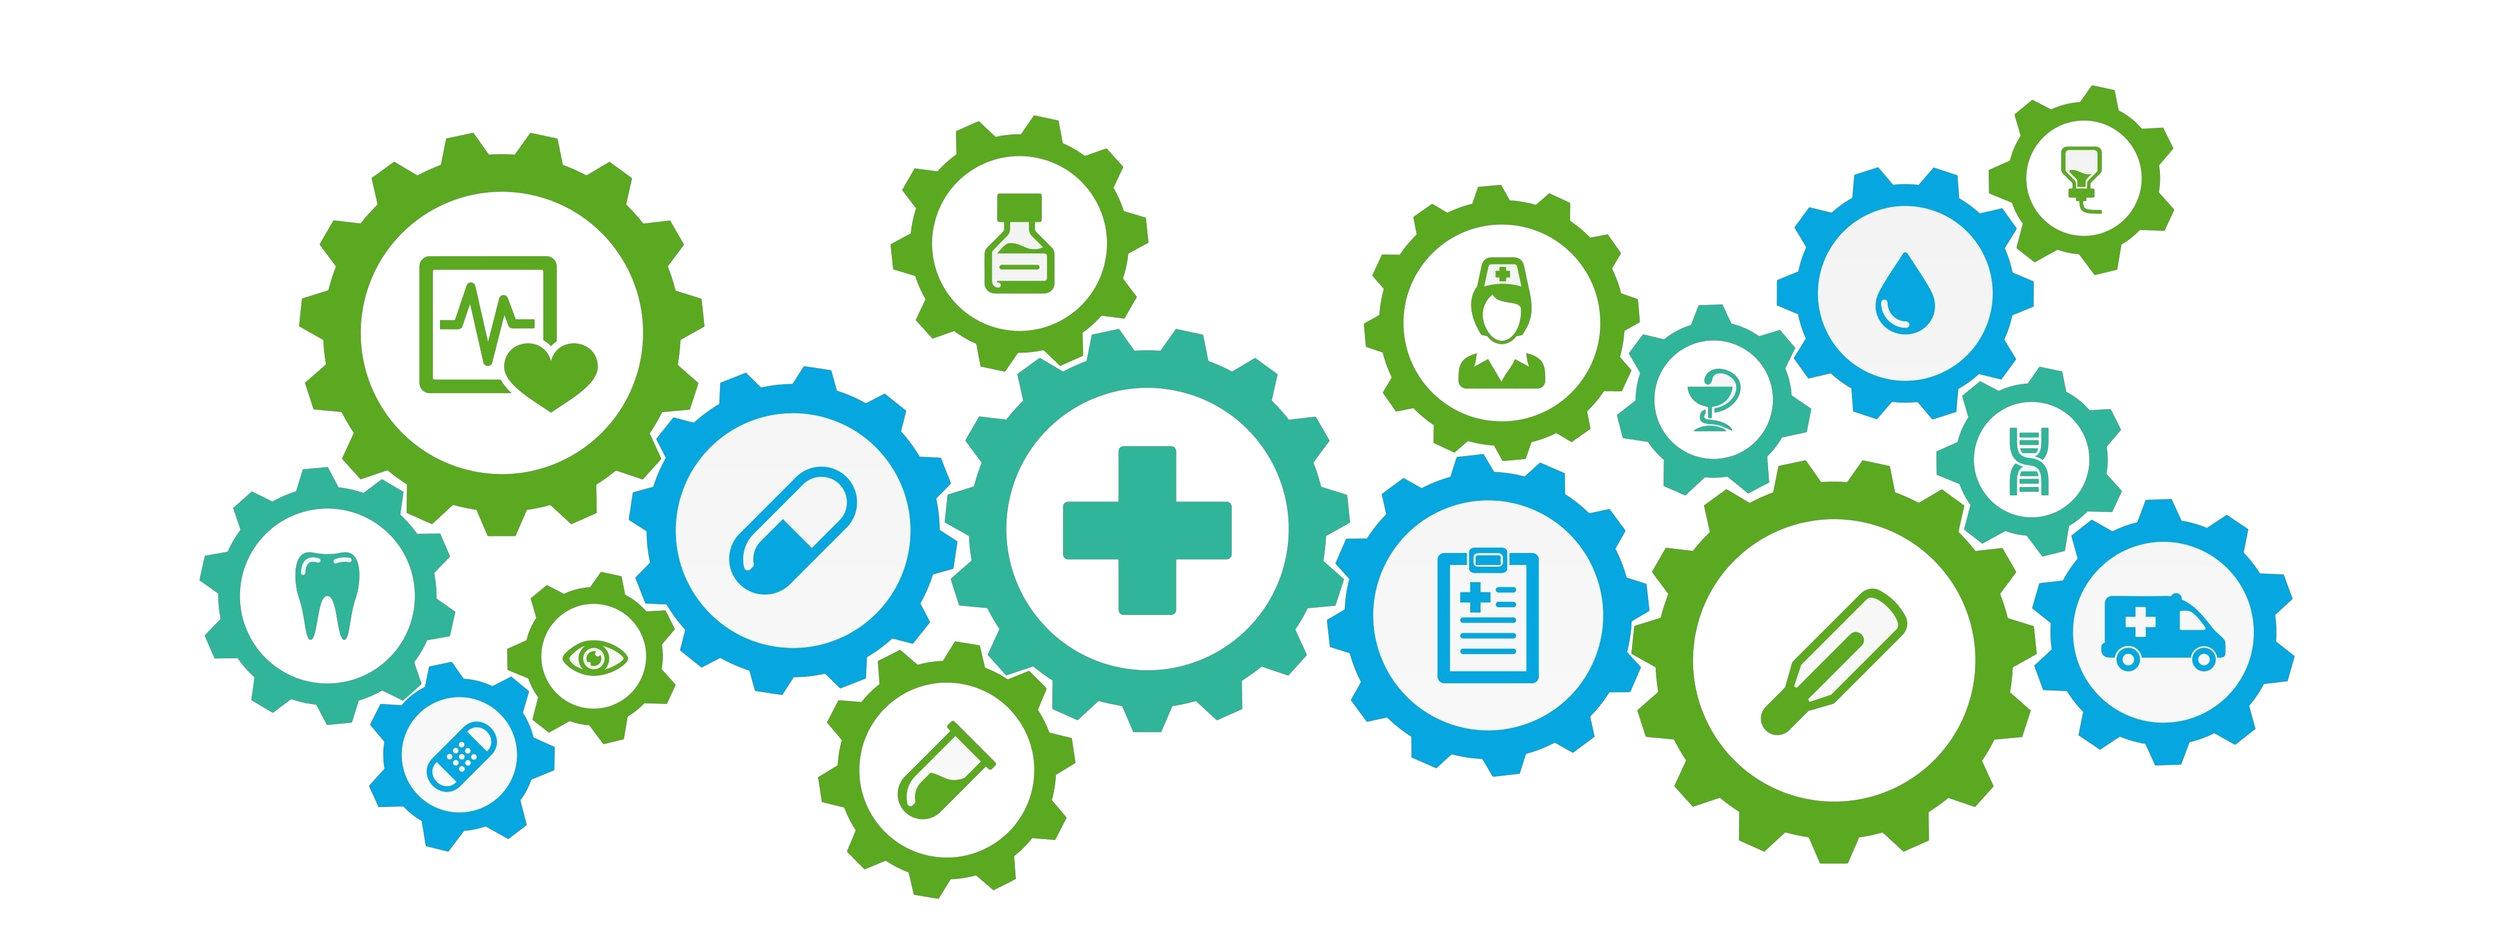 Multi-Protocol Integration Engine - I professionisti di Generation Byte sono stati tra i pionieri dell'utilizzo degli standard ACR-NEMA e DICOM fin dagli anni '90, realizzando strumenti per l'interfacciamento e la conversione di dati e immagini per alcuni tra i più importanti produttori di dispositivi medici a livello globale.Per questo motivo, la cultura dell'interoperabilità in sanità è nel DNA di Generation Byte.Oltre alla compatibilità completa con i più importanti protocolli di comunicazione per la sanità, come HL7 e DICOM, la piattaforma di interoperabilità di Generation Byte è anche compatibile con i più famosi standard presenti sul mercato per la memorizzazione ed il trasferimento dei dati: SQL, Web Services, SOAP, JDBC, ODBC, CORBA, COM, DCOM, FTP, RPC, XML-RPC, FDA-XML, SCP-ECG.L'interoperabilità della piattaforma Generation Byte è di alta qualità, e idonea al contesto clinico. Le interfacce con i sistemi informativi di terze parti vengono realizzate preferibilmente in modo bidirezionale, per garantire la corretta implementazione di tutti i casi d'uso, ed ogni transazione viene modellata, documentata e testata in modo approfondito.I dati delle apparecchiature medicali sono memorizzati in formato digitale nativo assieme a tutte le variabili dipendenti dell'apparecchiatura, senza nessuna conversione dei dati e nessuna perdita di informazioni.Visita www.medarchiver.com/interoperabilita